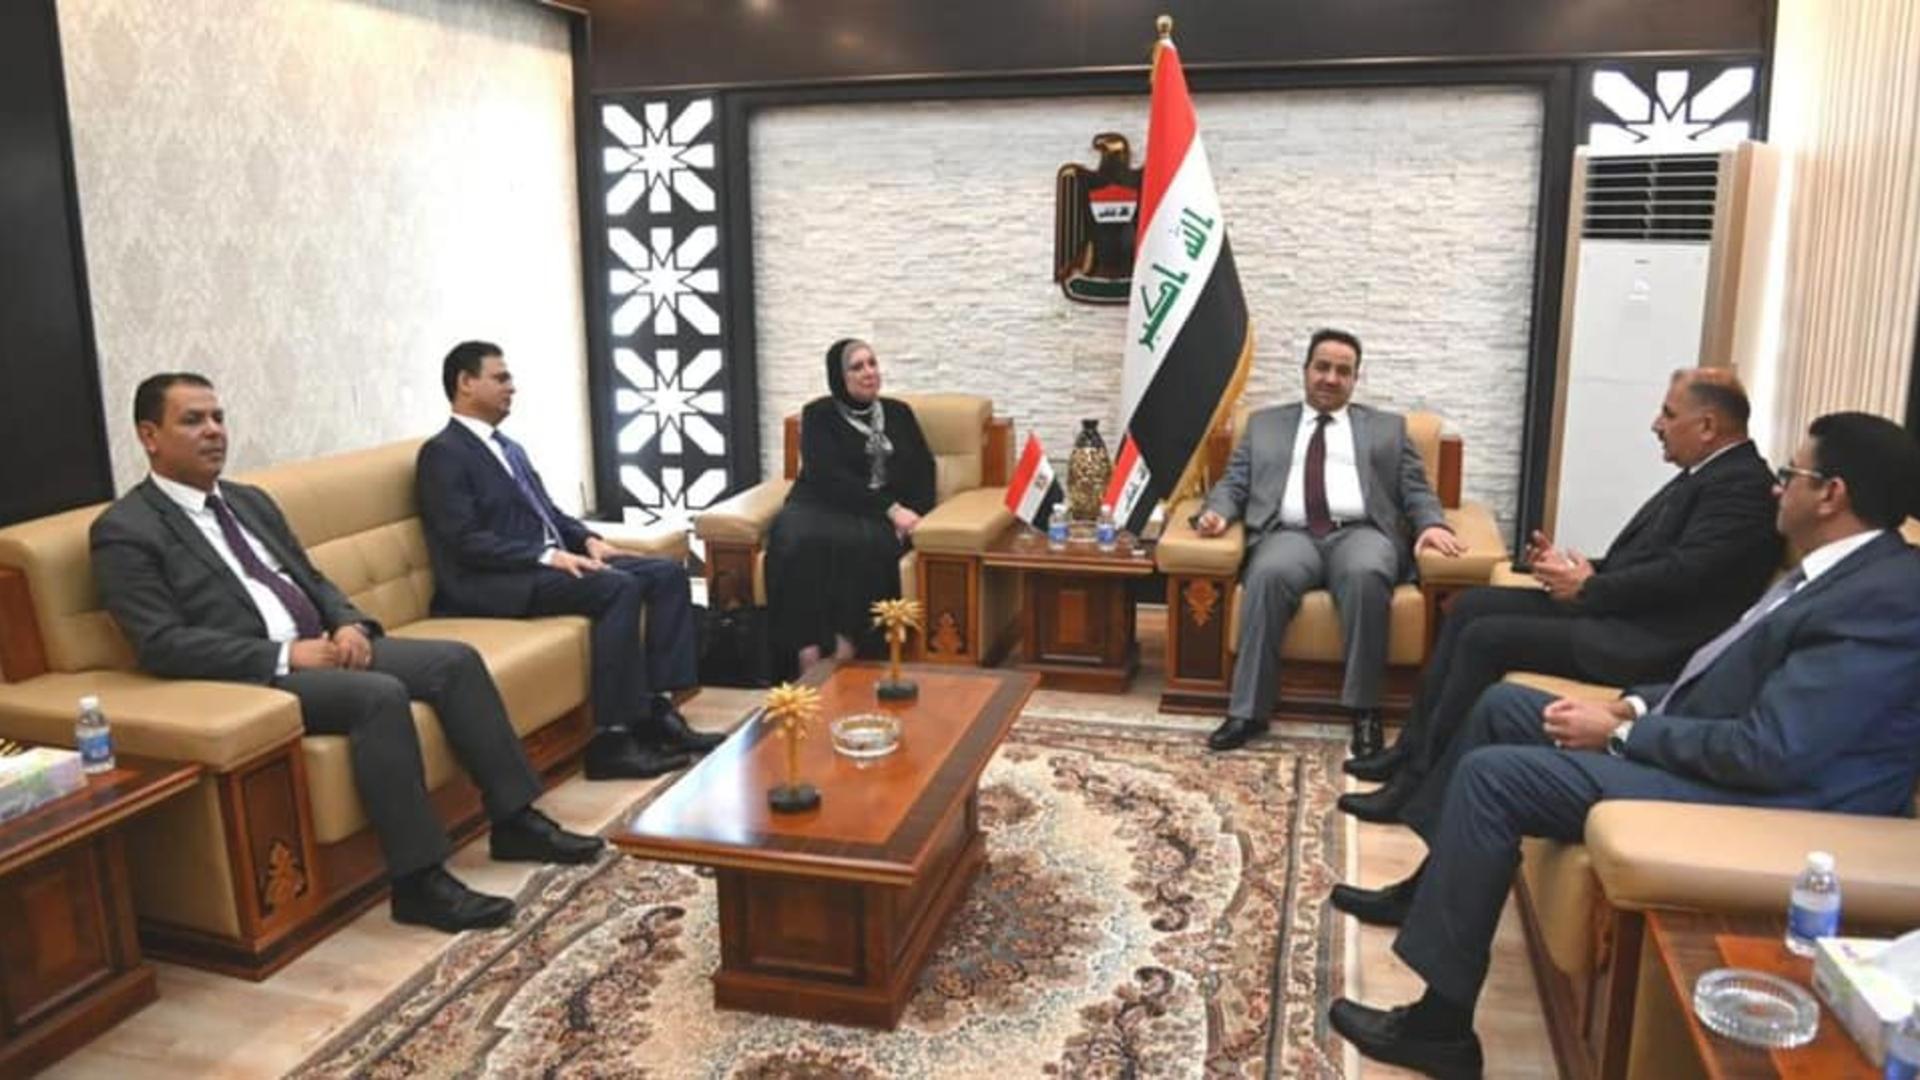 العراق ومصر يبرمان اتفاقا لإقامة مدن صناعية واقتصادية مشتركة